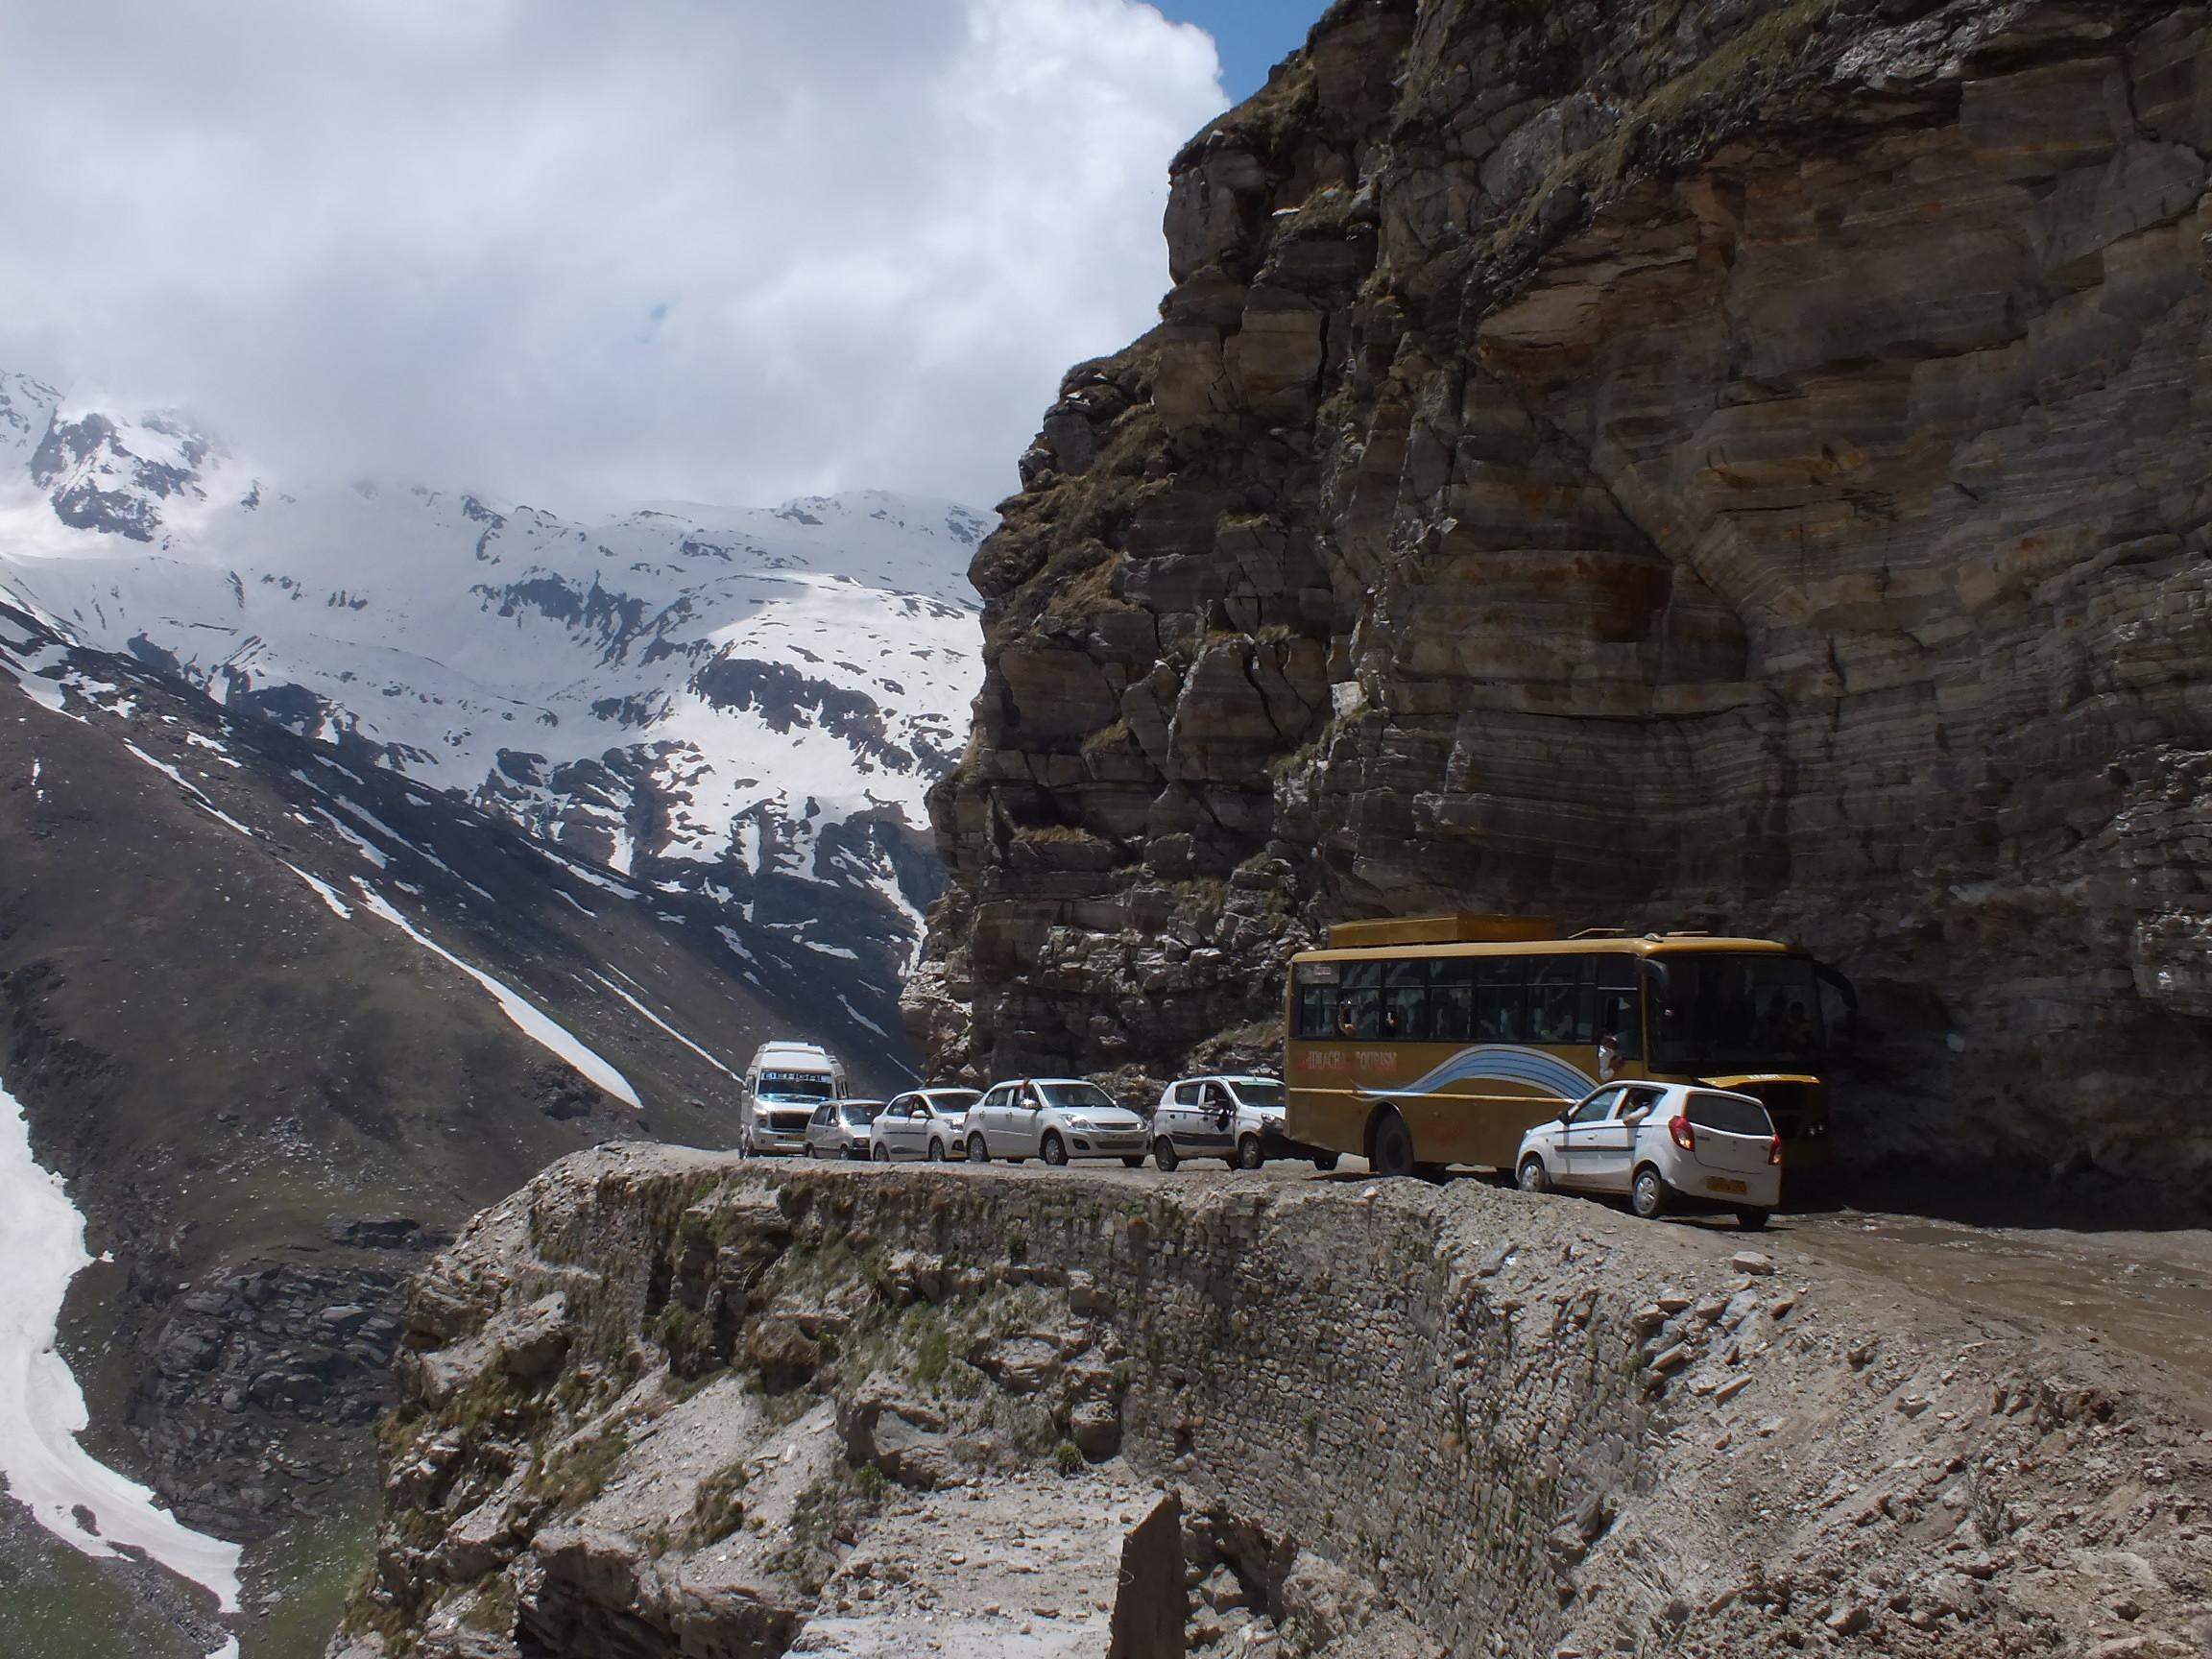 Autó és busz találkozása a Rohtang Pass felé vezető úton<br /><br /><br /><br /><br /><br /><br /><br /><br /><br />Saját fotó